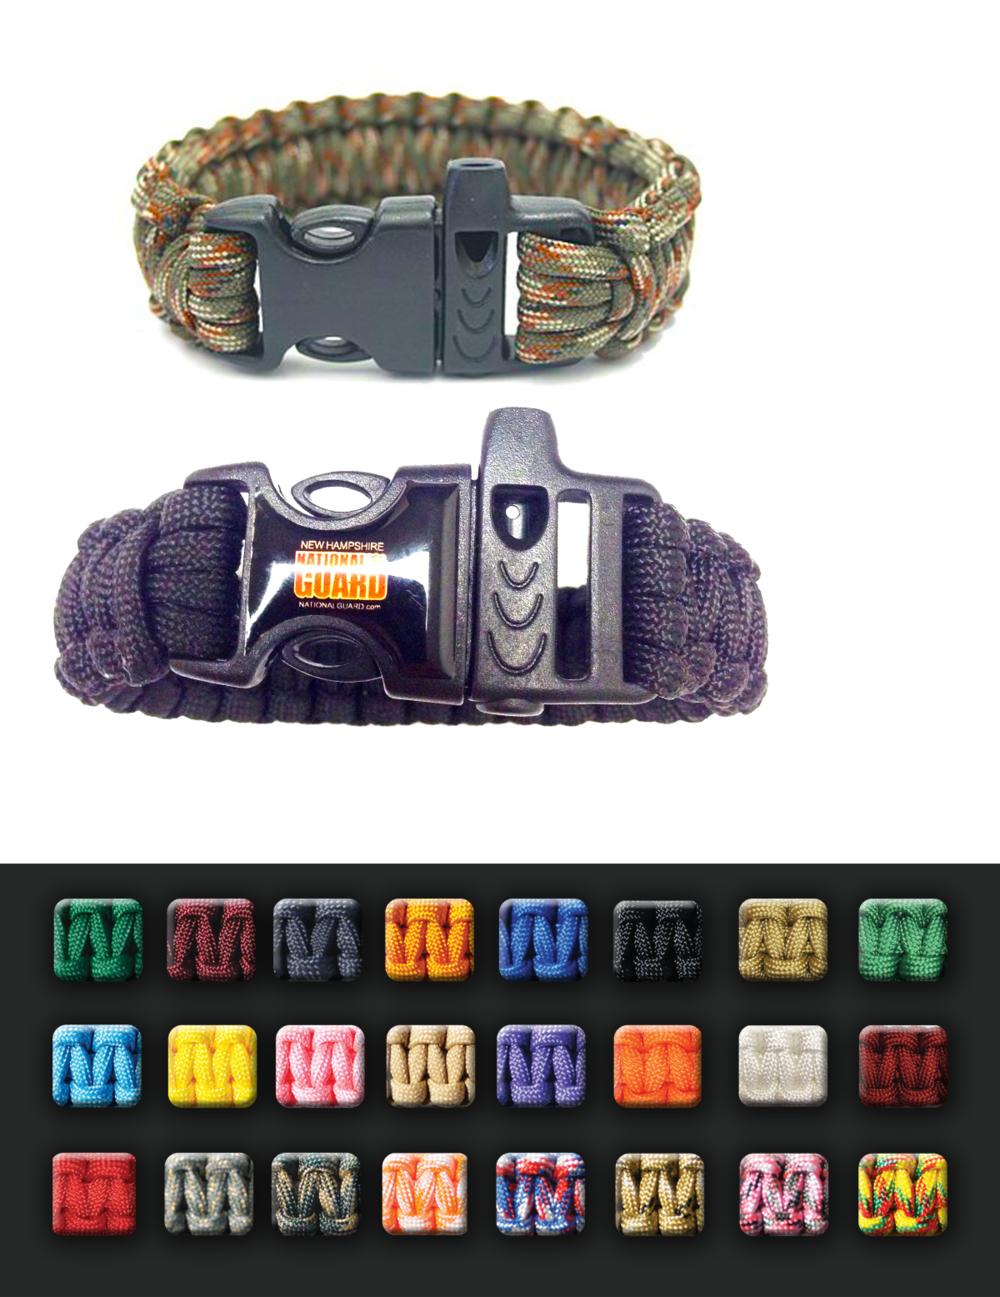 paracord bracelets06.png